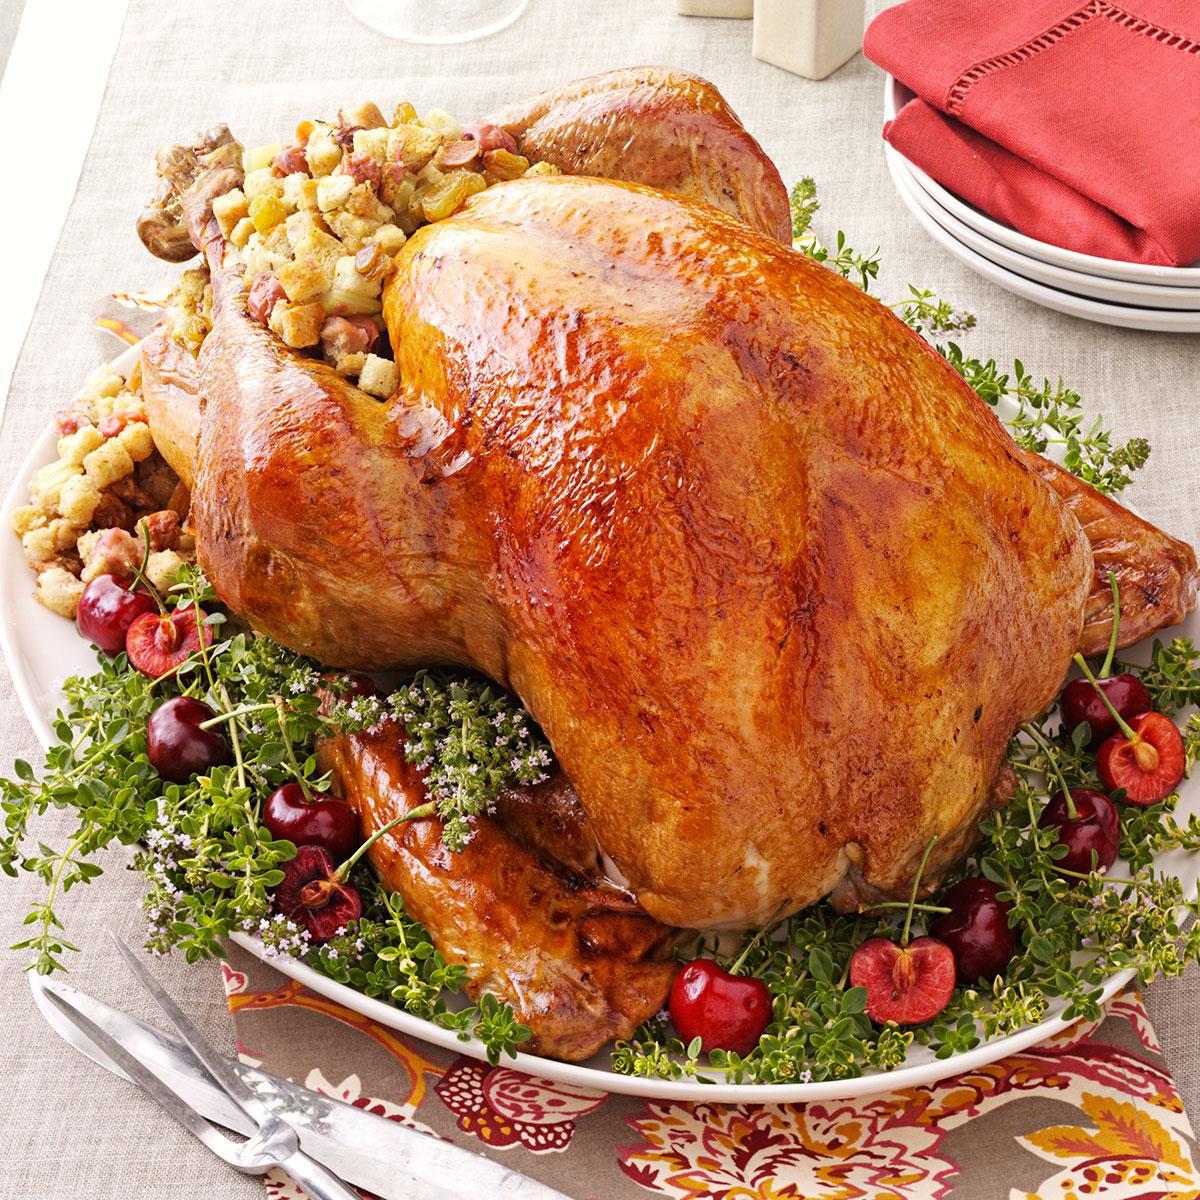 Turkey Thanksgiving Dinner  Turkey with Cherry Stuffing Recipe